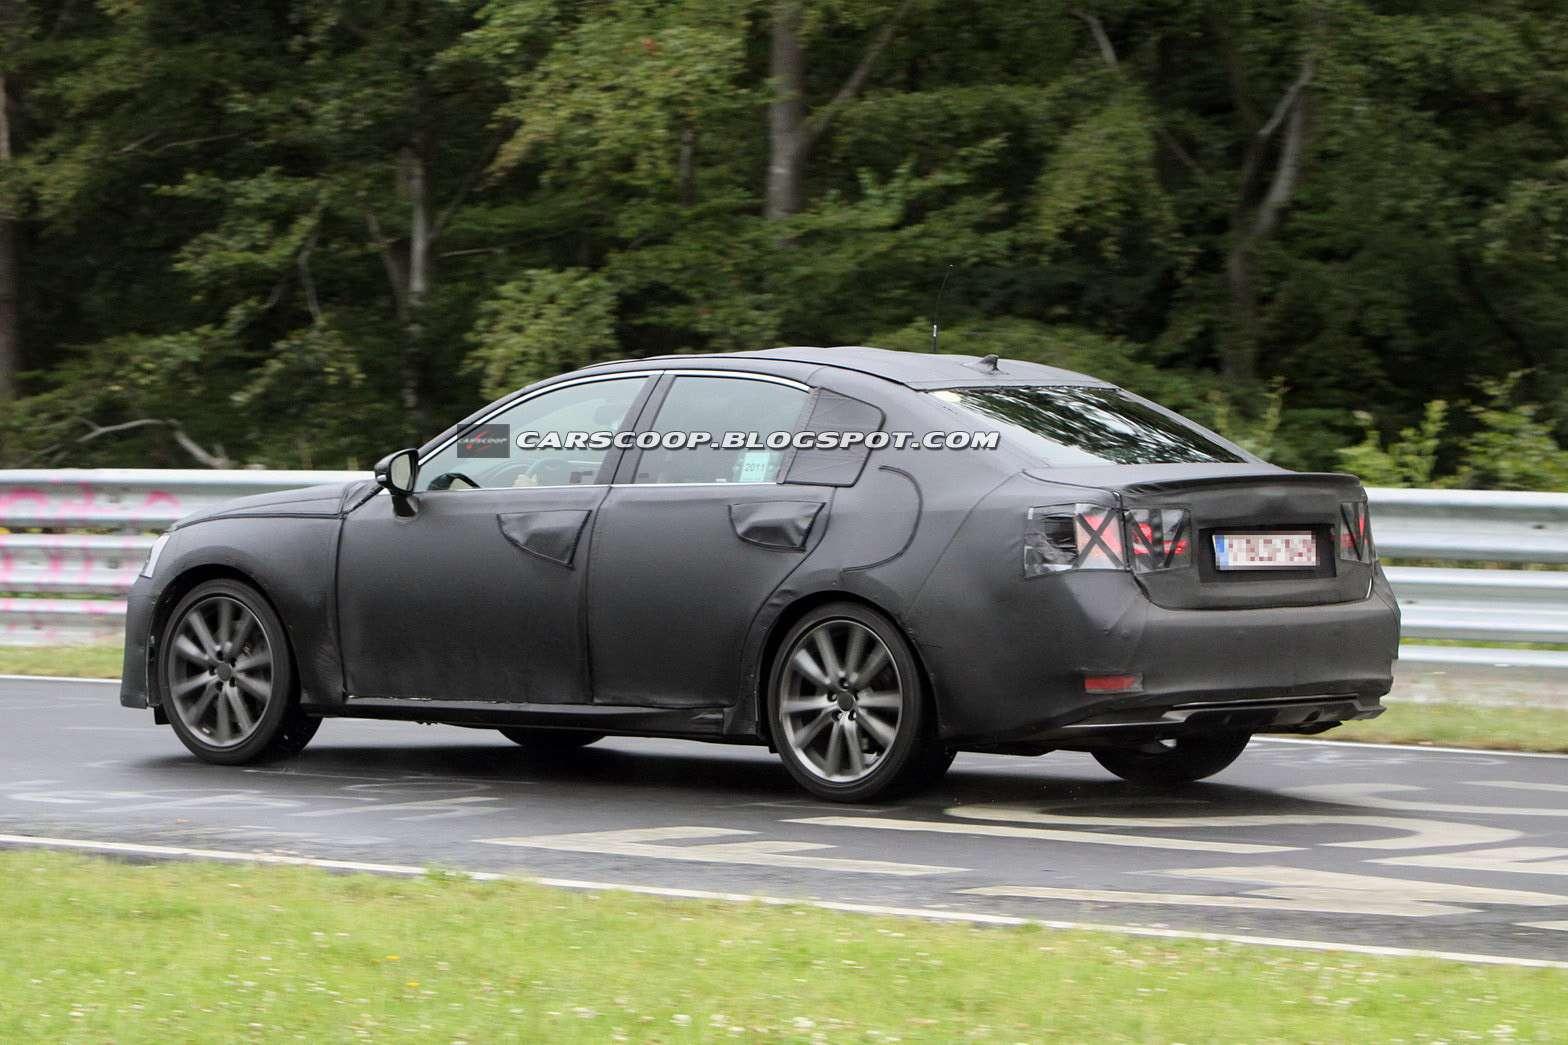 Lexus GS 2013 fot szpieg lipiec 2011